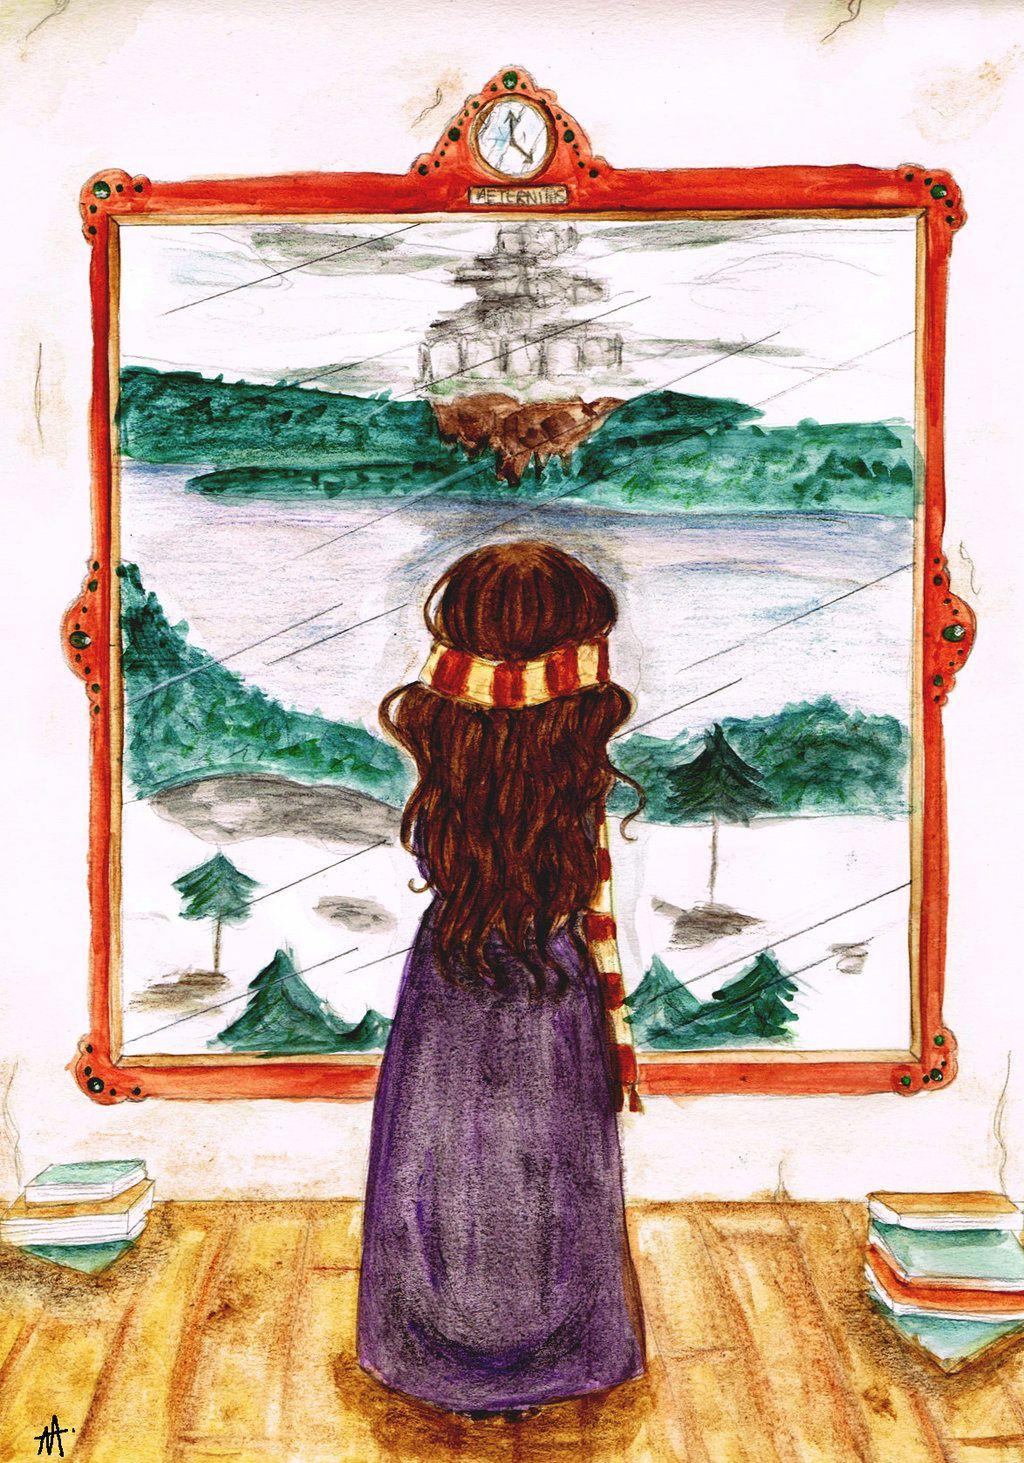 Les fianc s de l hiver tome 01 de la saga passe miroir for Hendrik andriessen miroir de peine